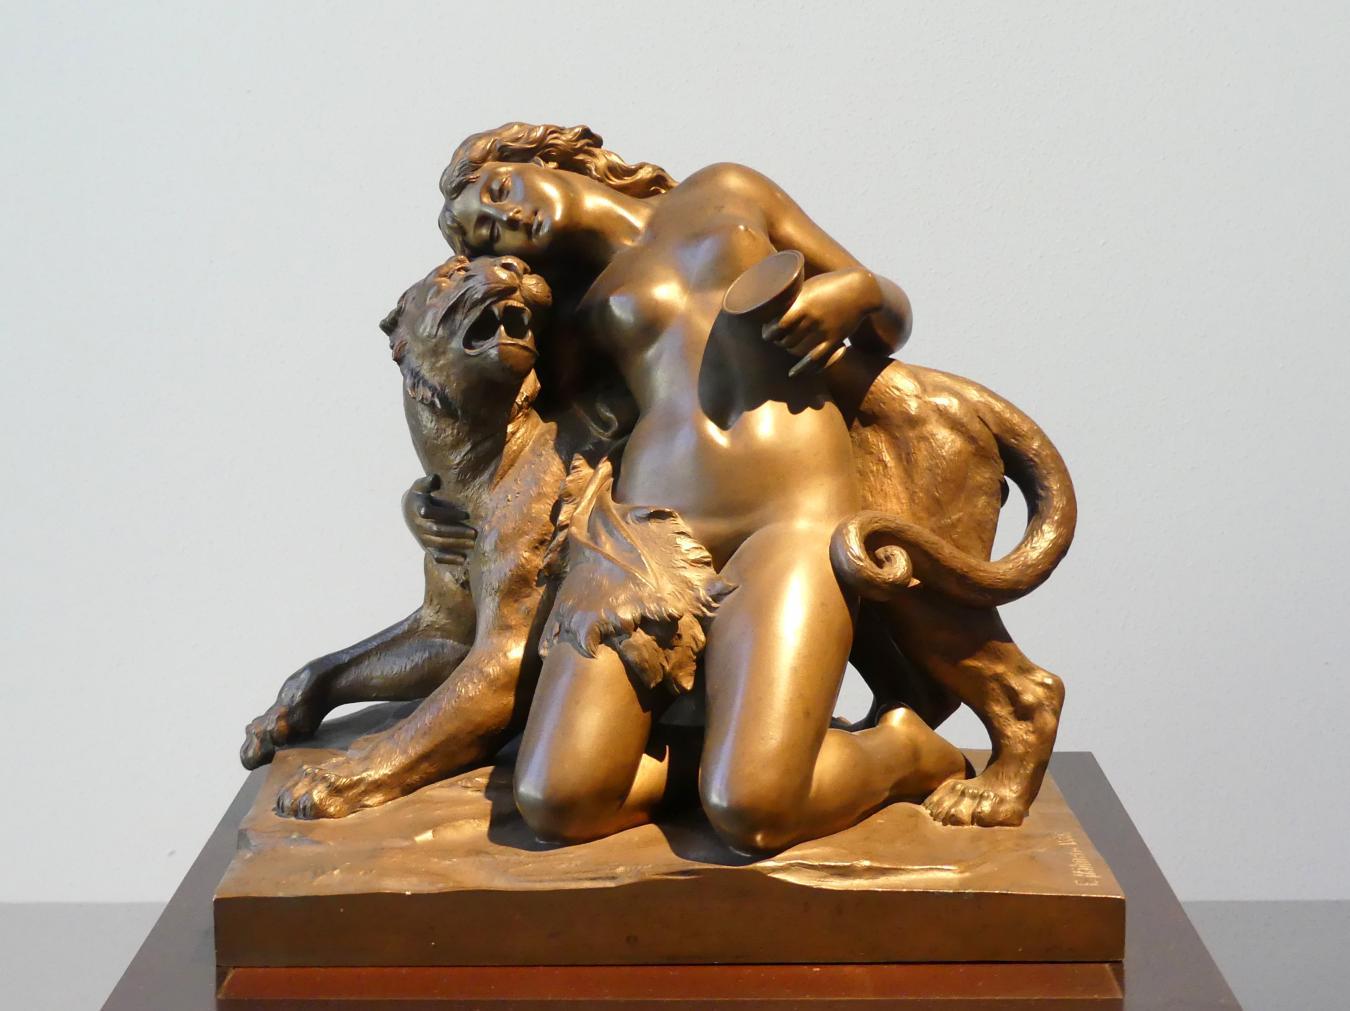 Ernst Julius Hähnel: Mänade auf Panther, 1886